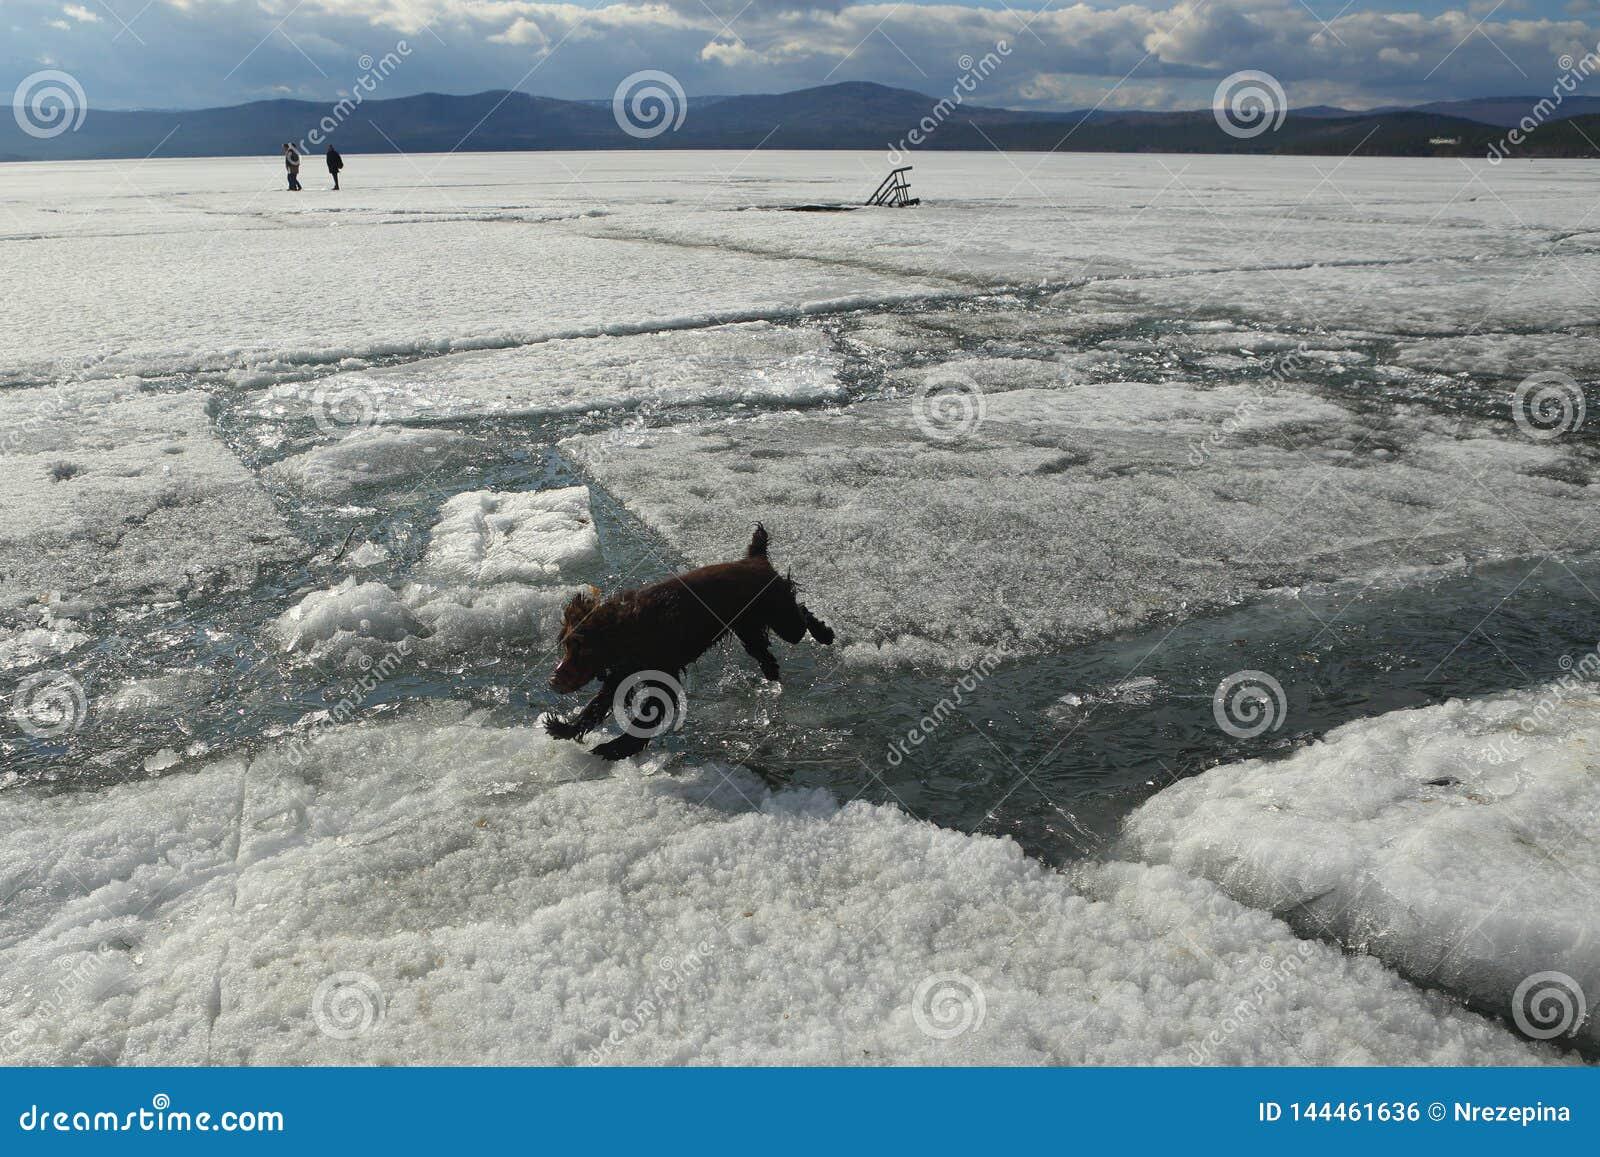 El perro salta de los leones al hielo durante la deriva del hielo en el lago